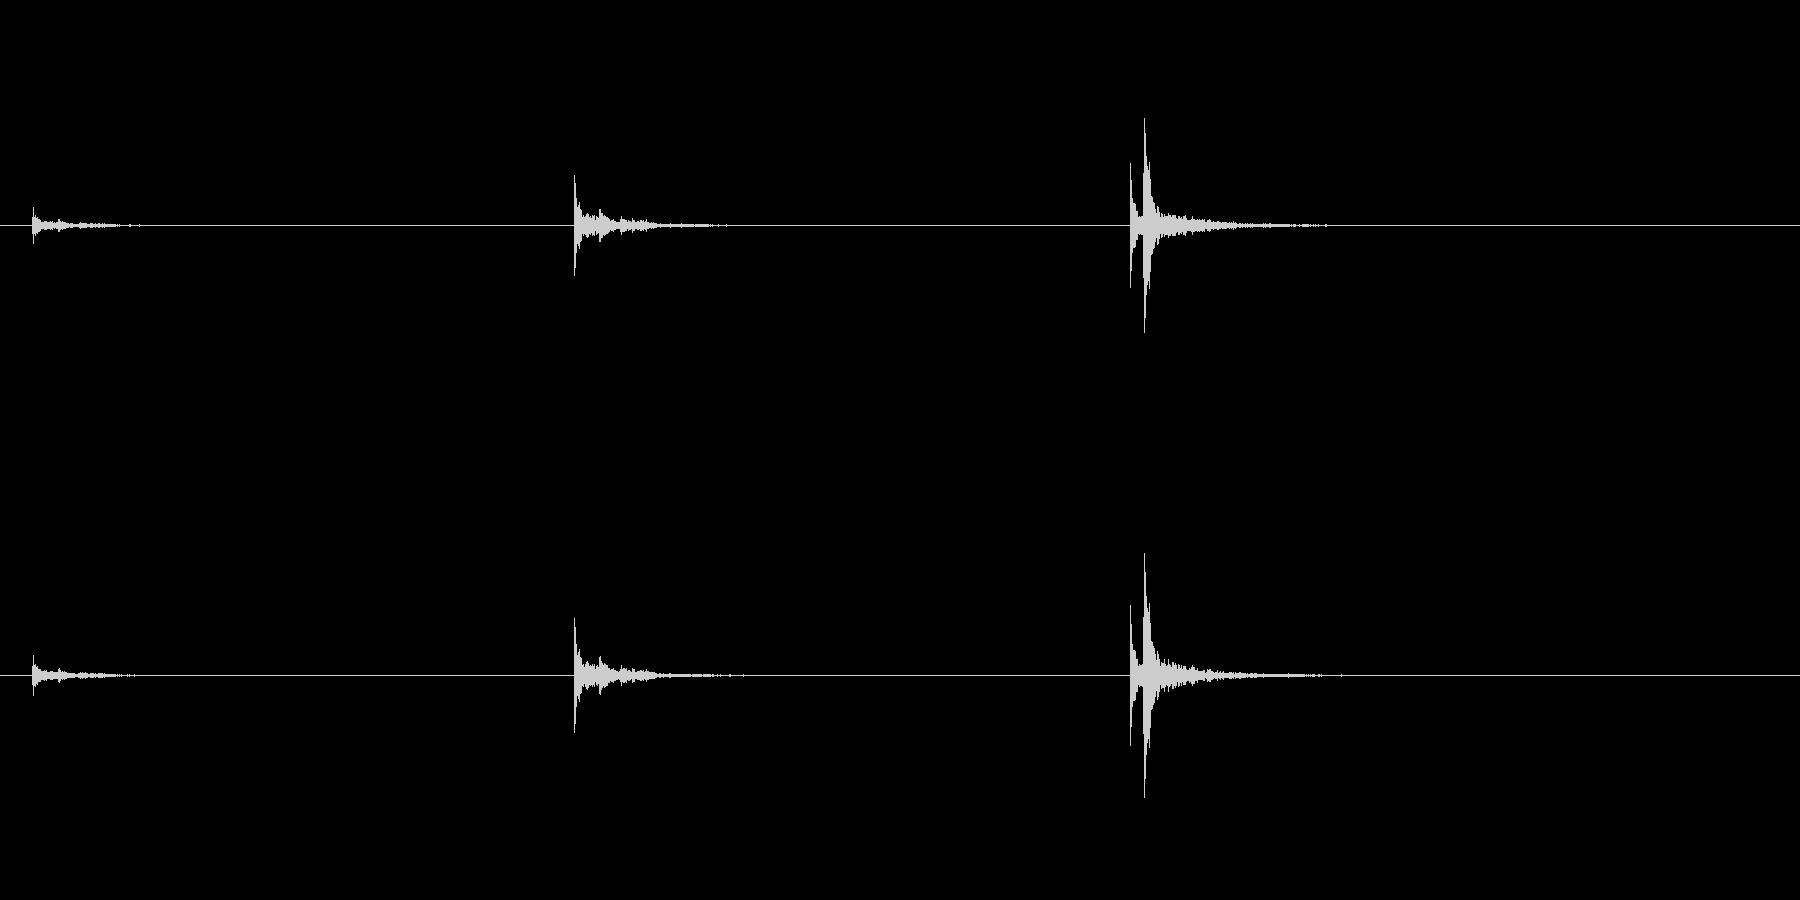 音侍「三連打」雅楽の楽太鼓で雰囲気出ますの未再生の波形